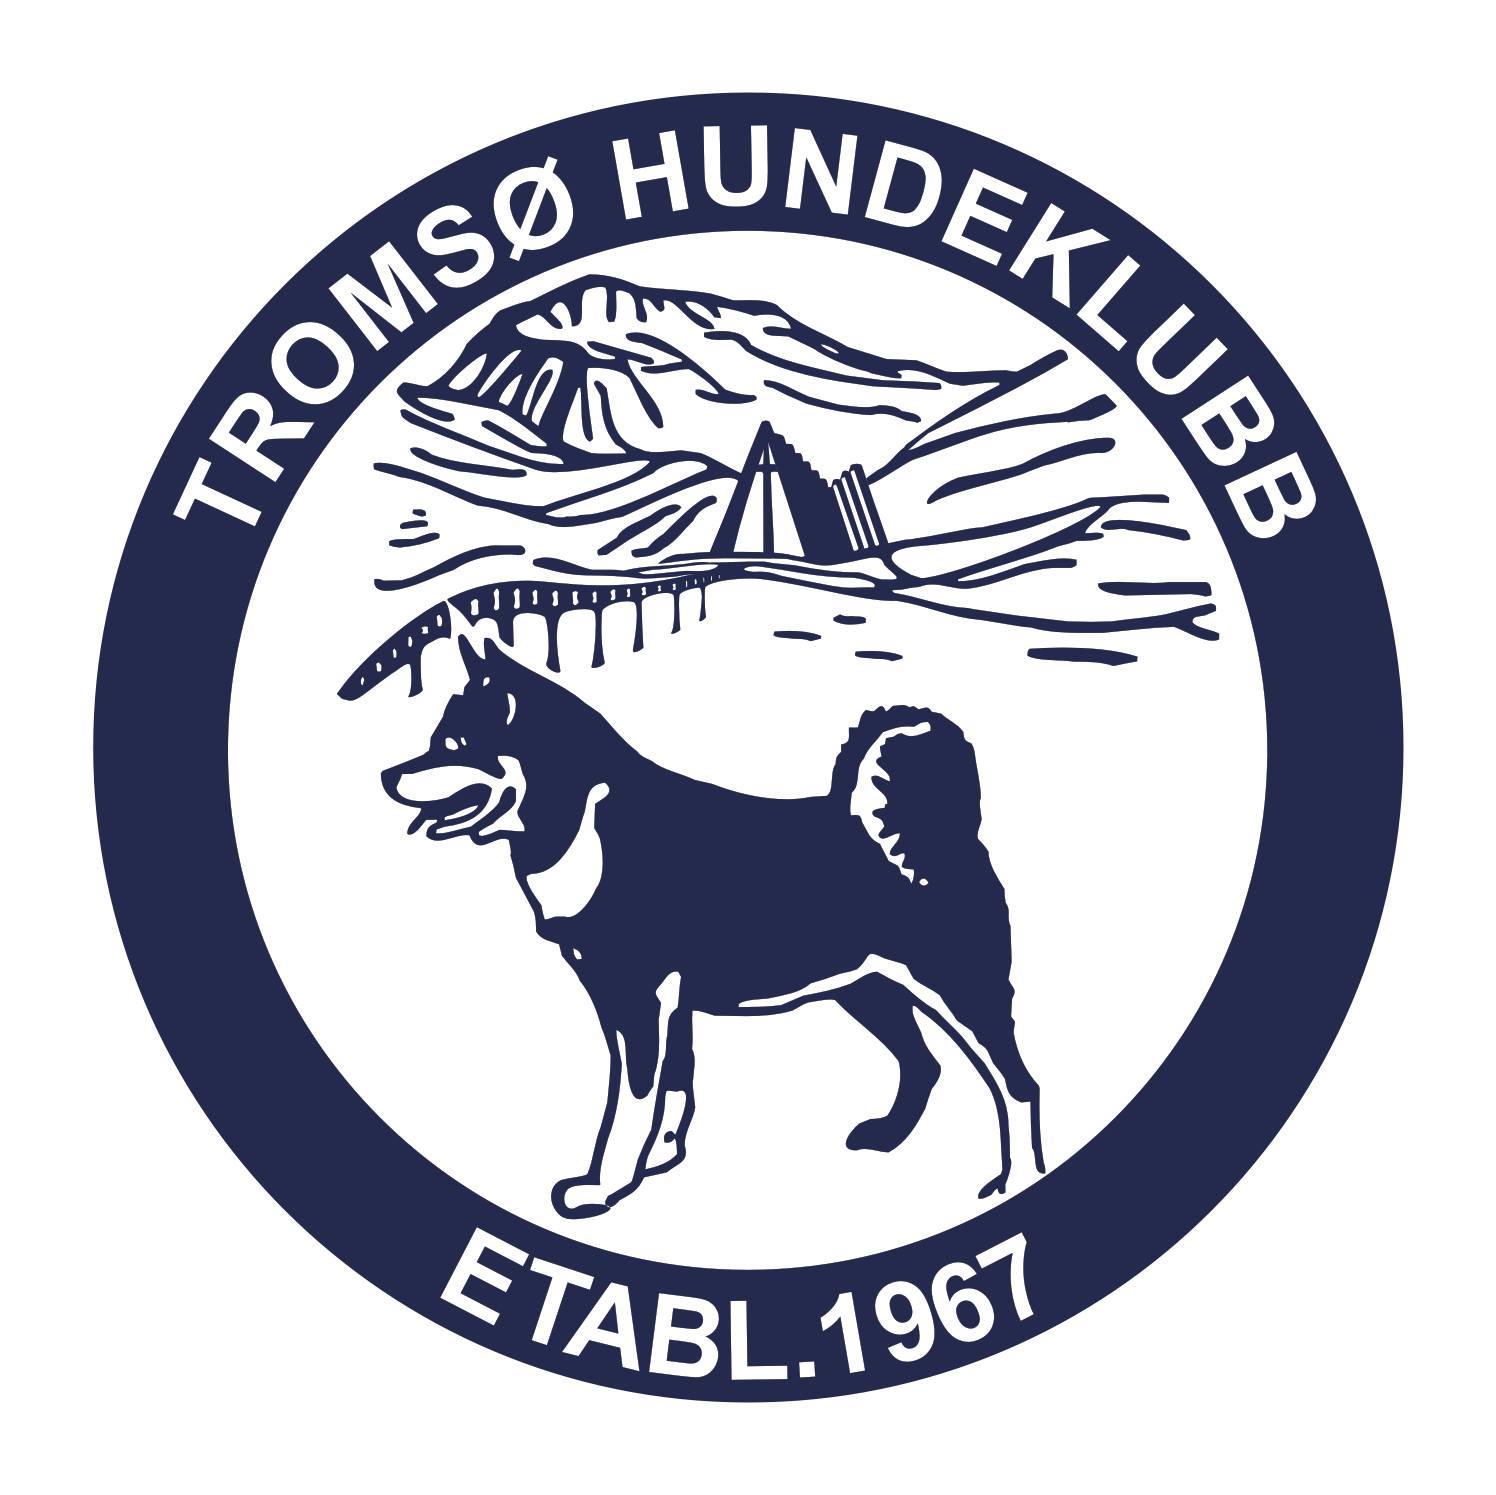 Tromsø Hundeklubb